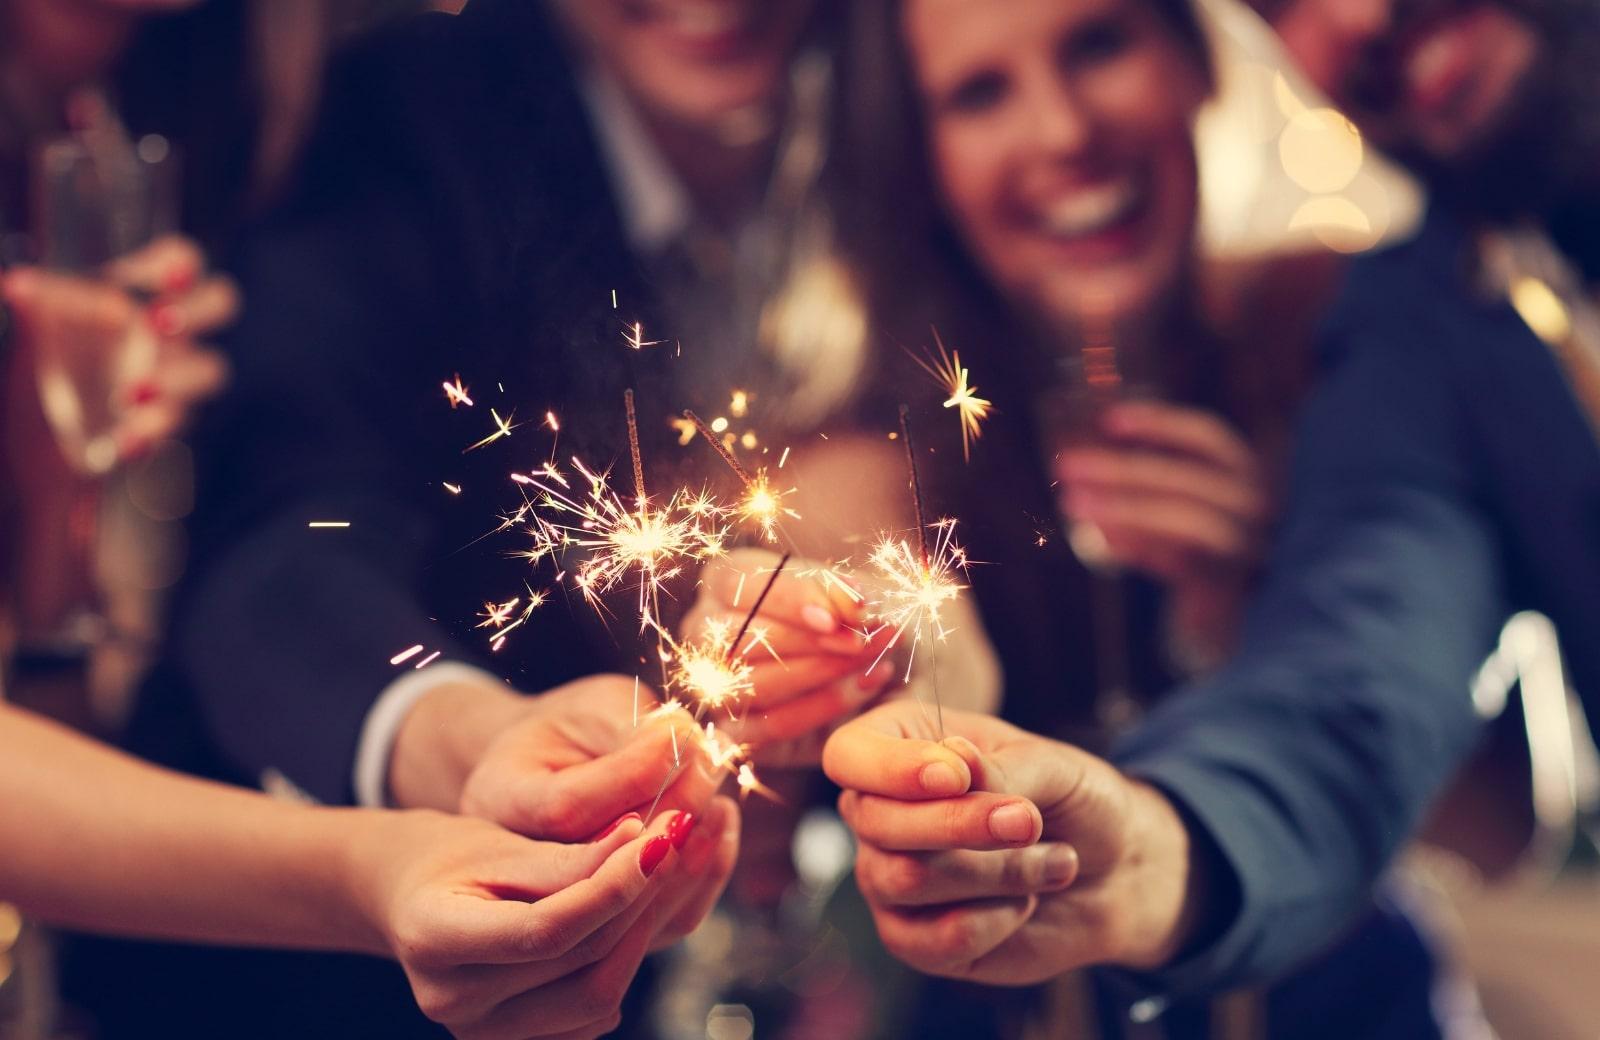 new years Eve celebration